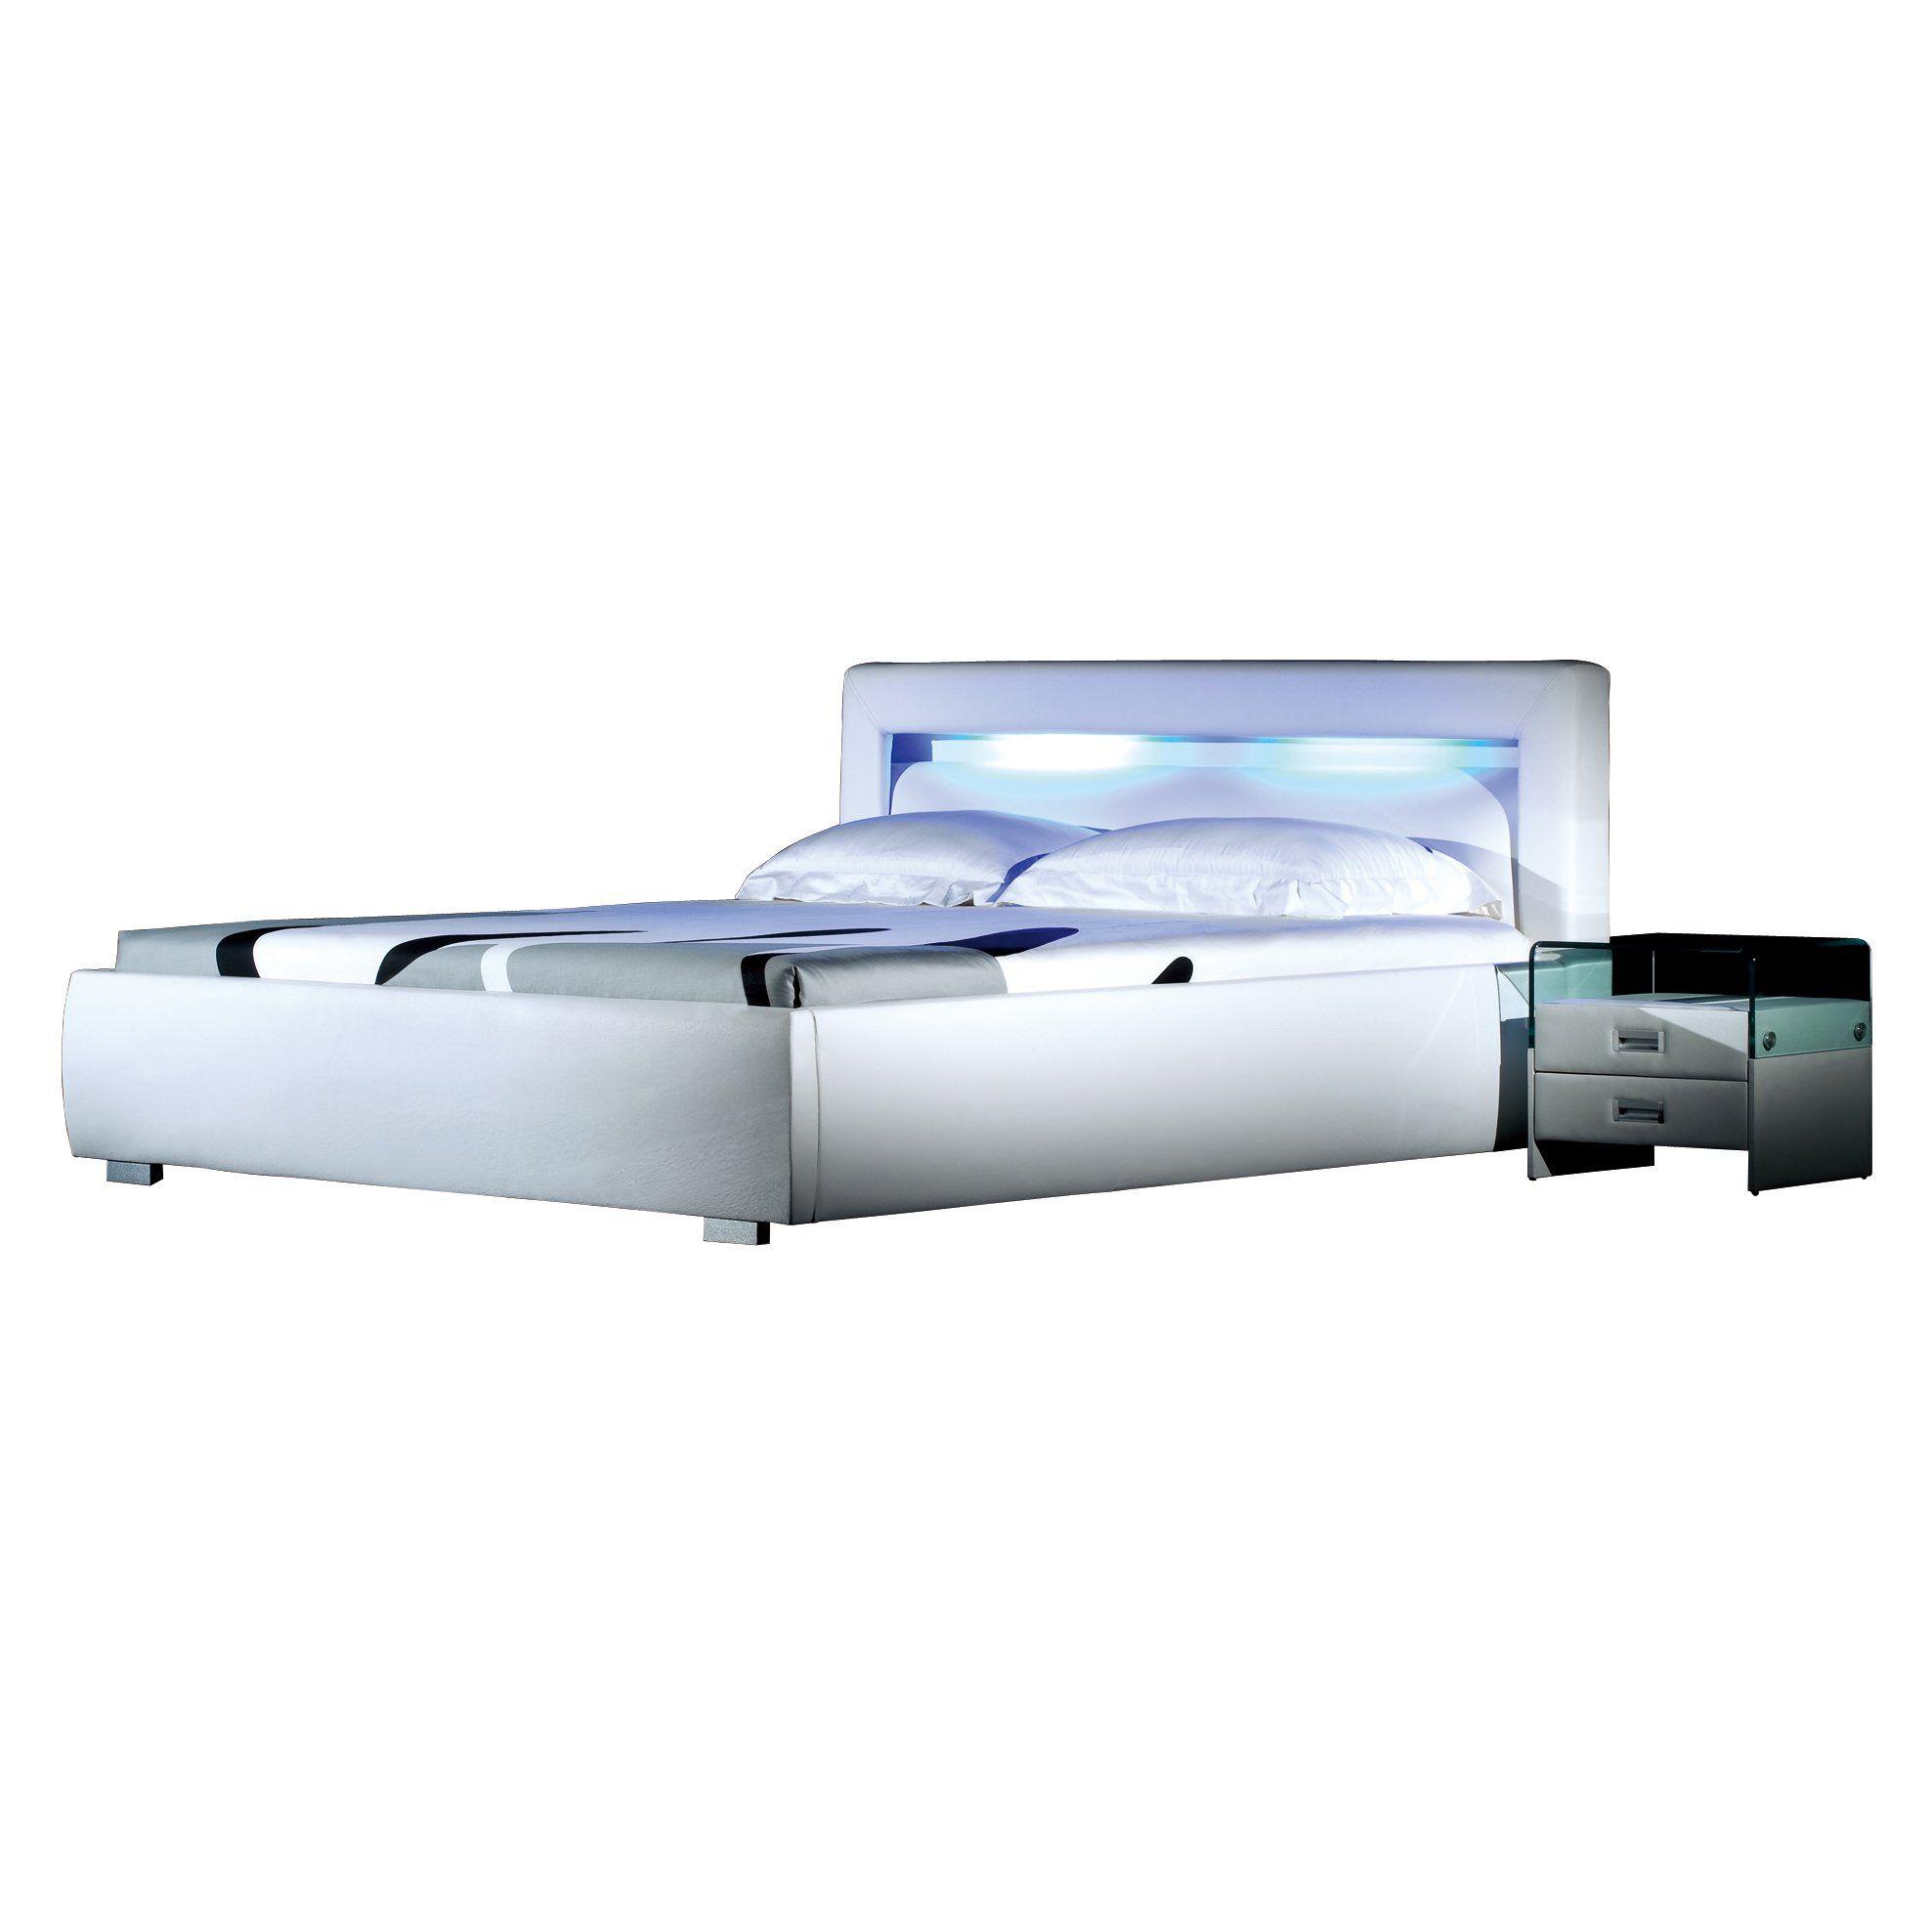 Xxs M Bel Bett 180 X 200 Design Lumina Wei Integrierte Led Beleuchtung Wasserbett In 2020 Led Led Beleuchtung Wasserbett